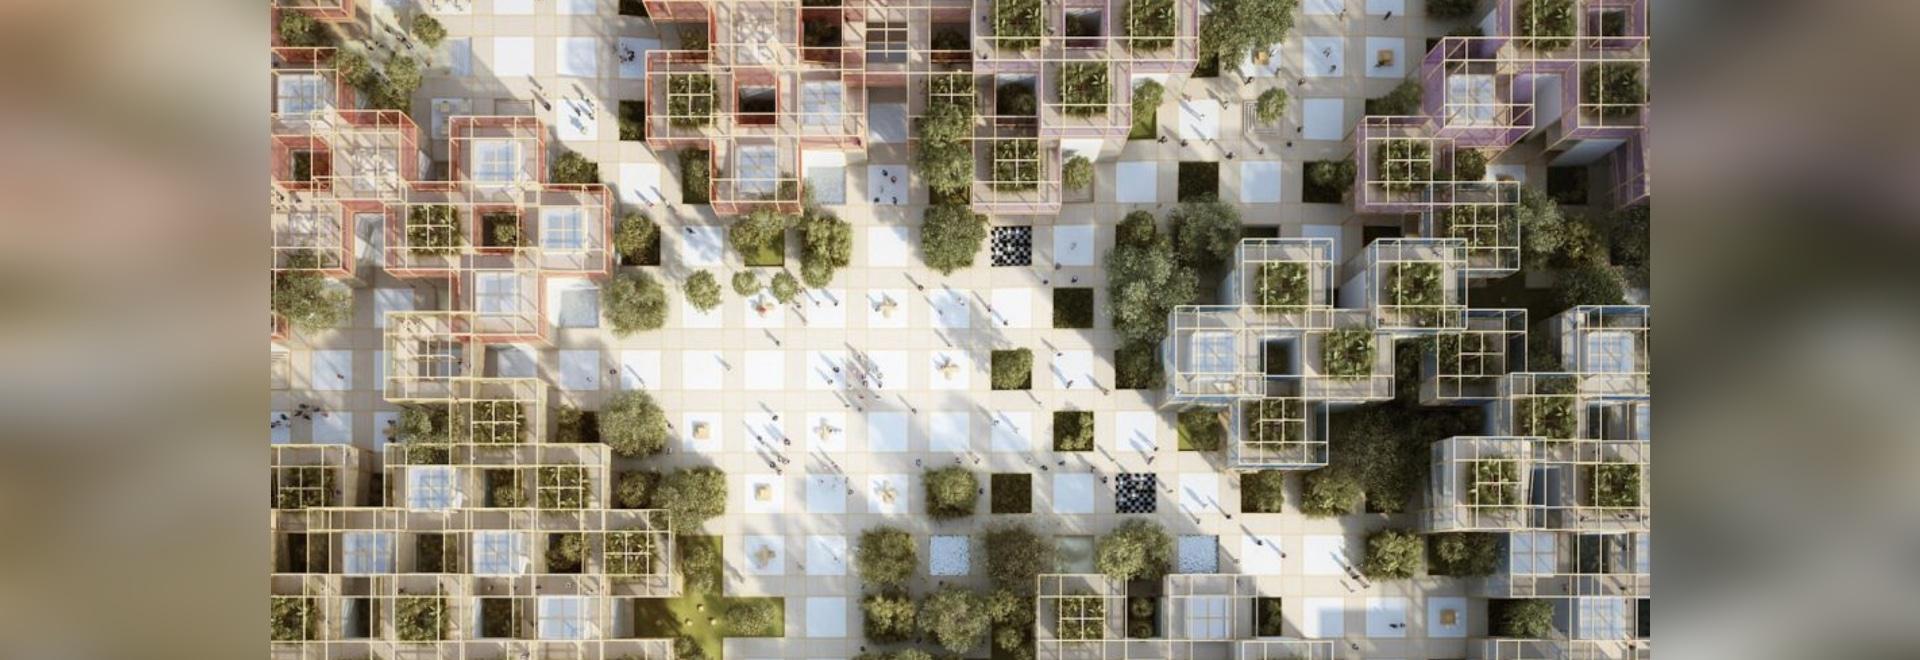 Penda dévoile le «village» rempli de nature provisoire pour l'expo horticole de Pékin